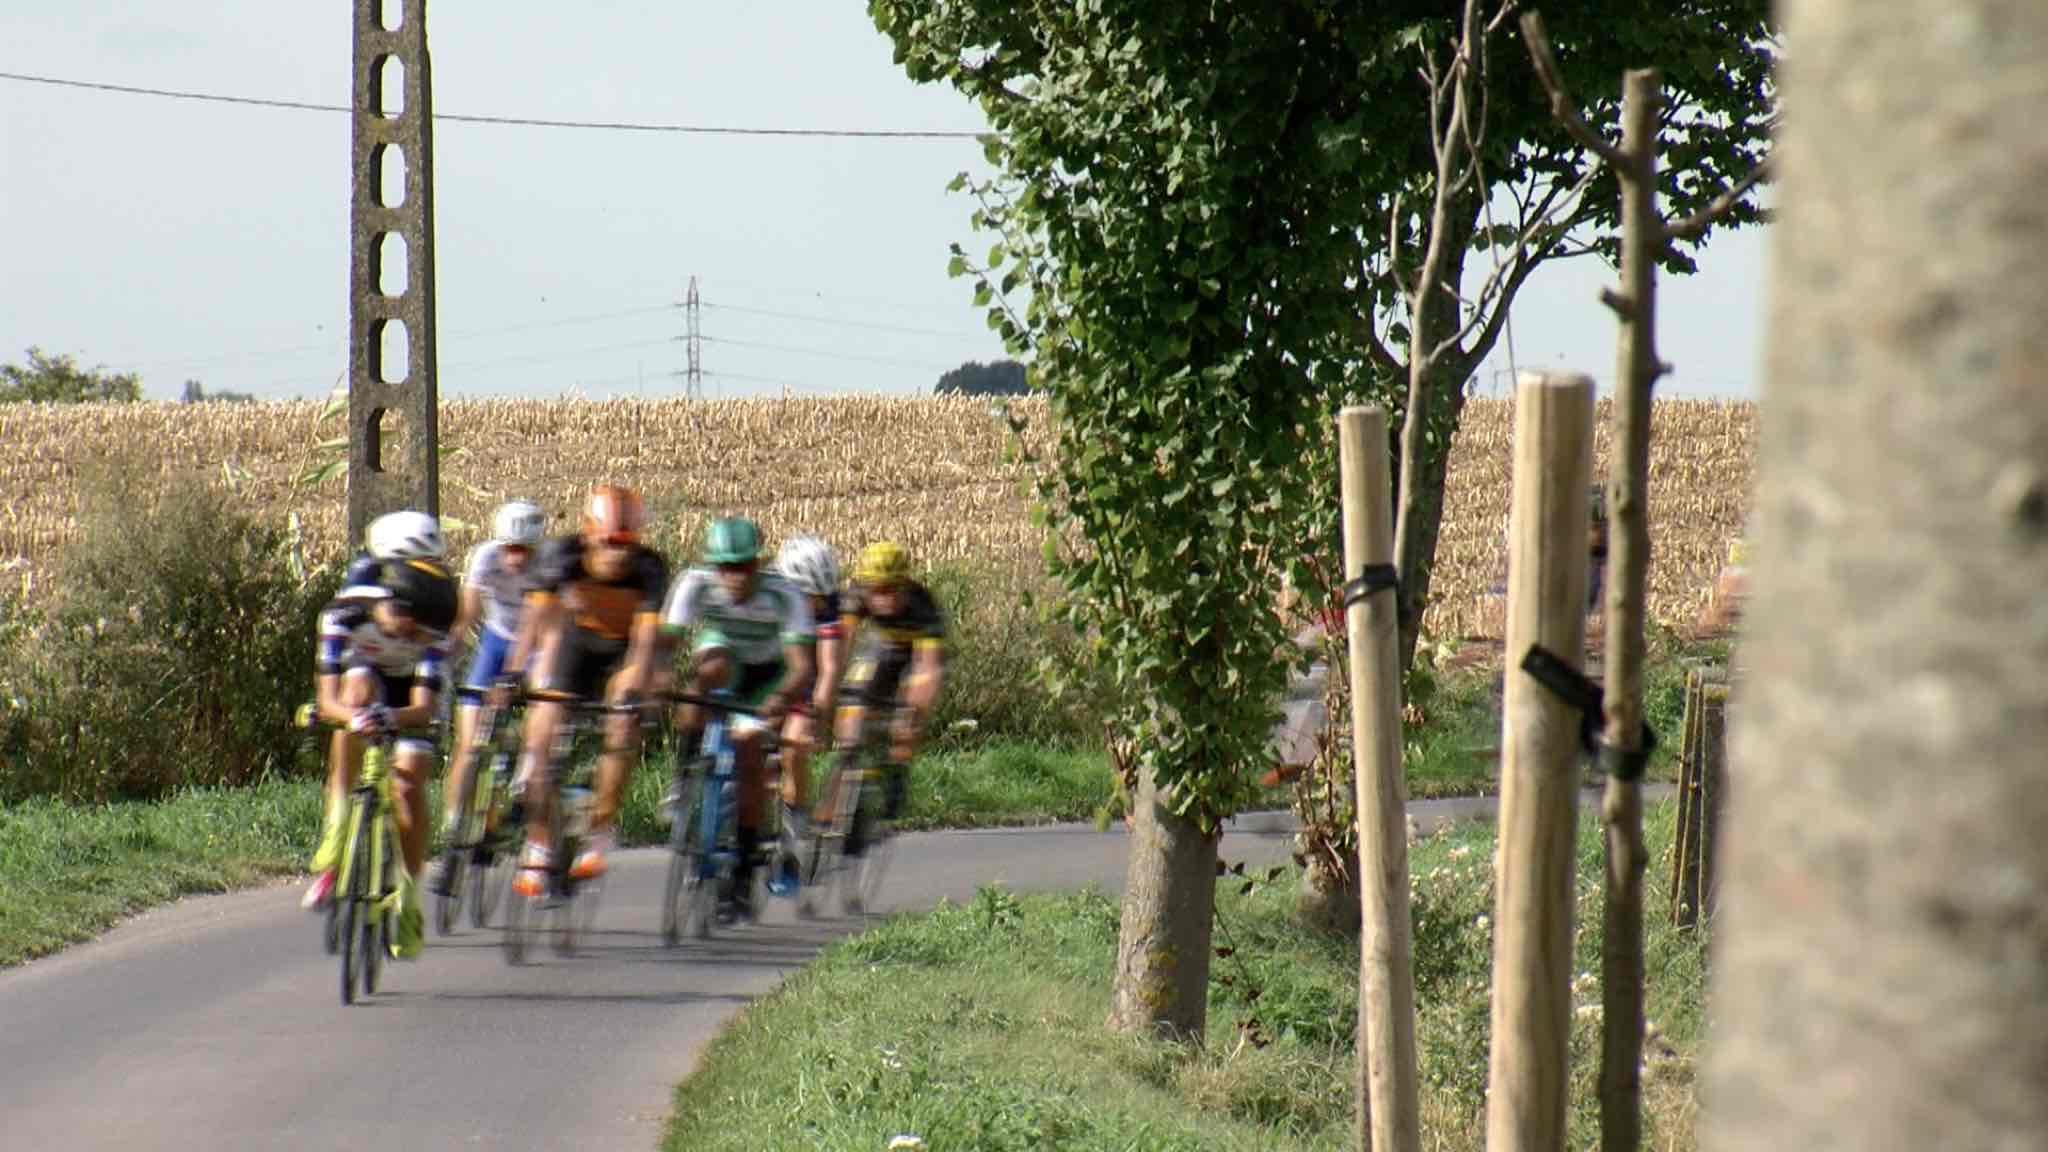 La manche pour De Lie, la Ronde pour Van Rillaert